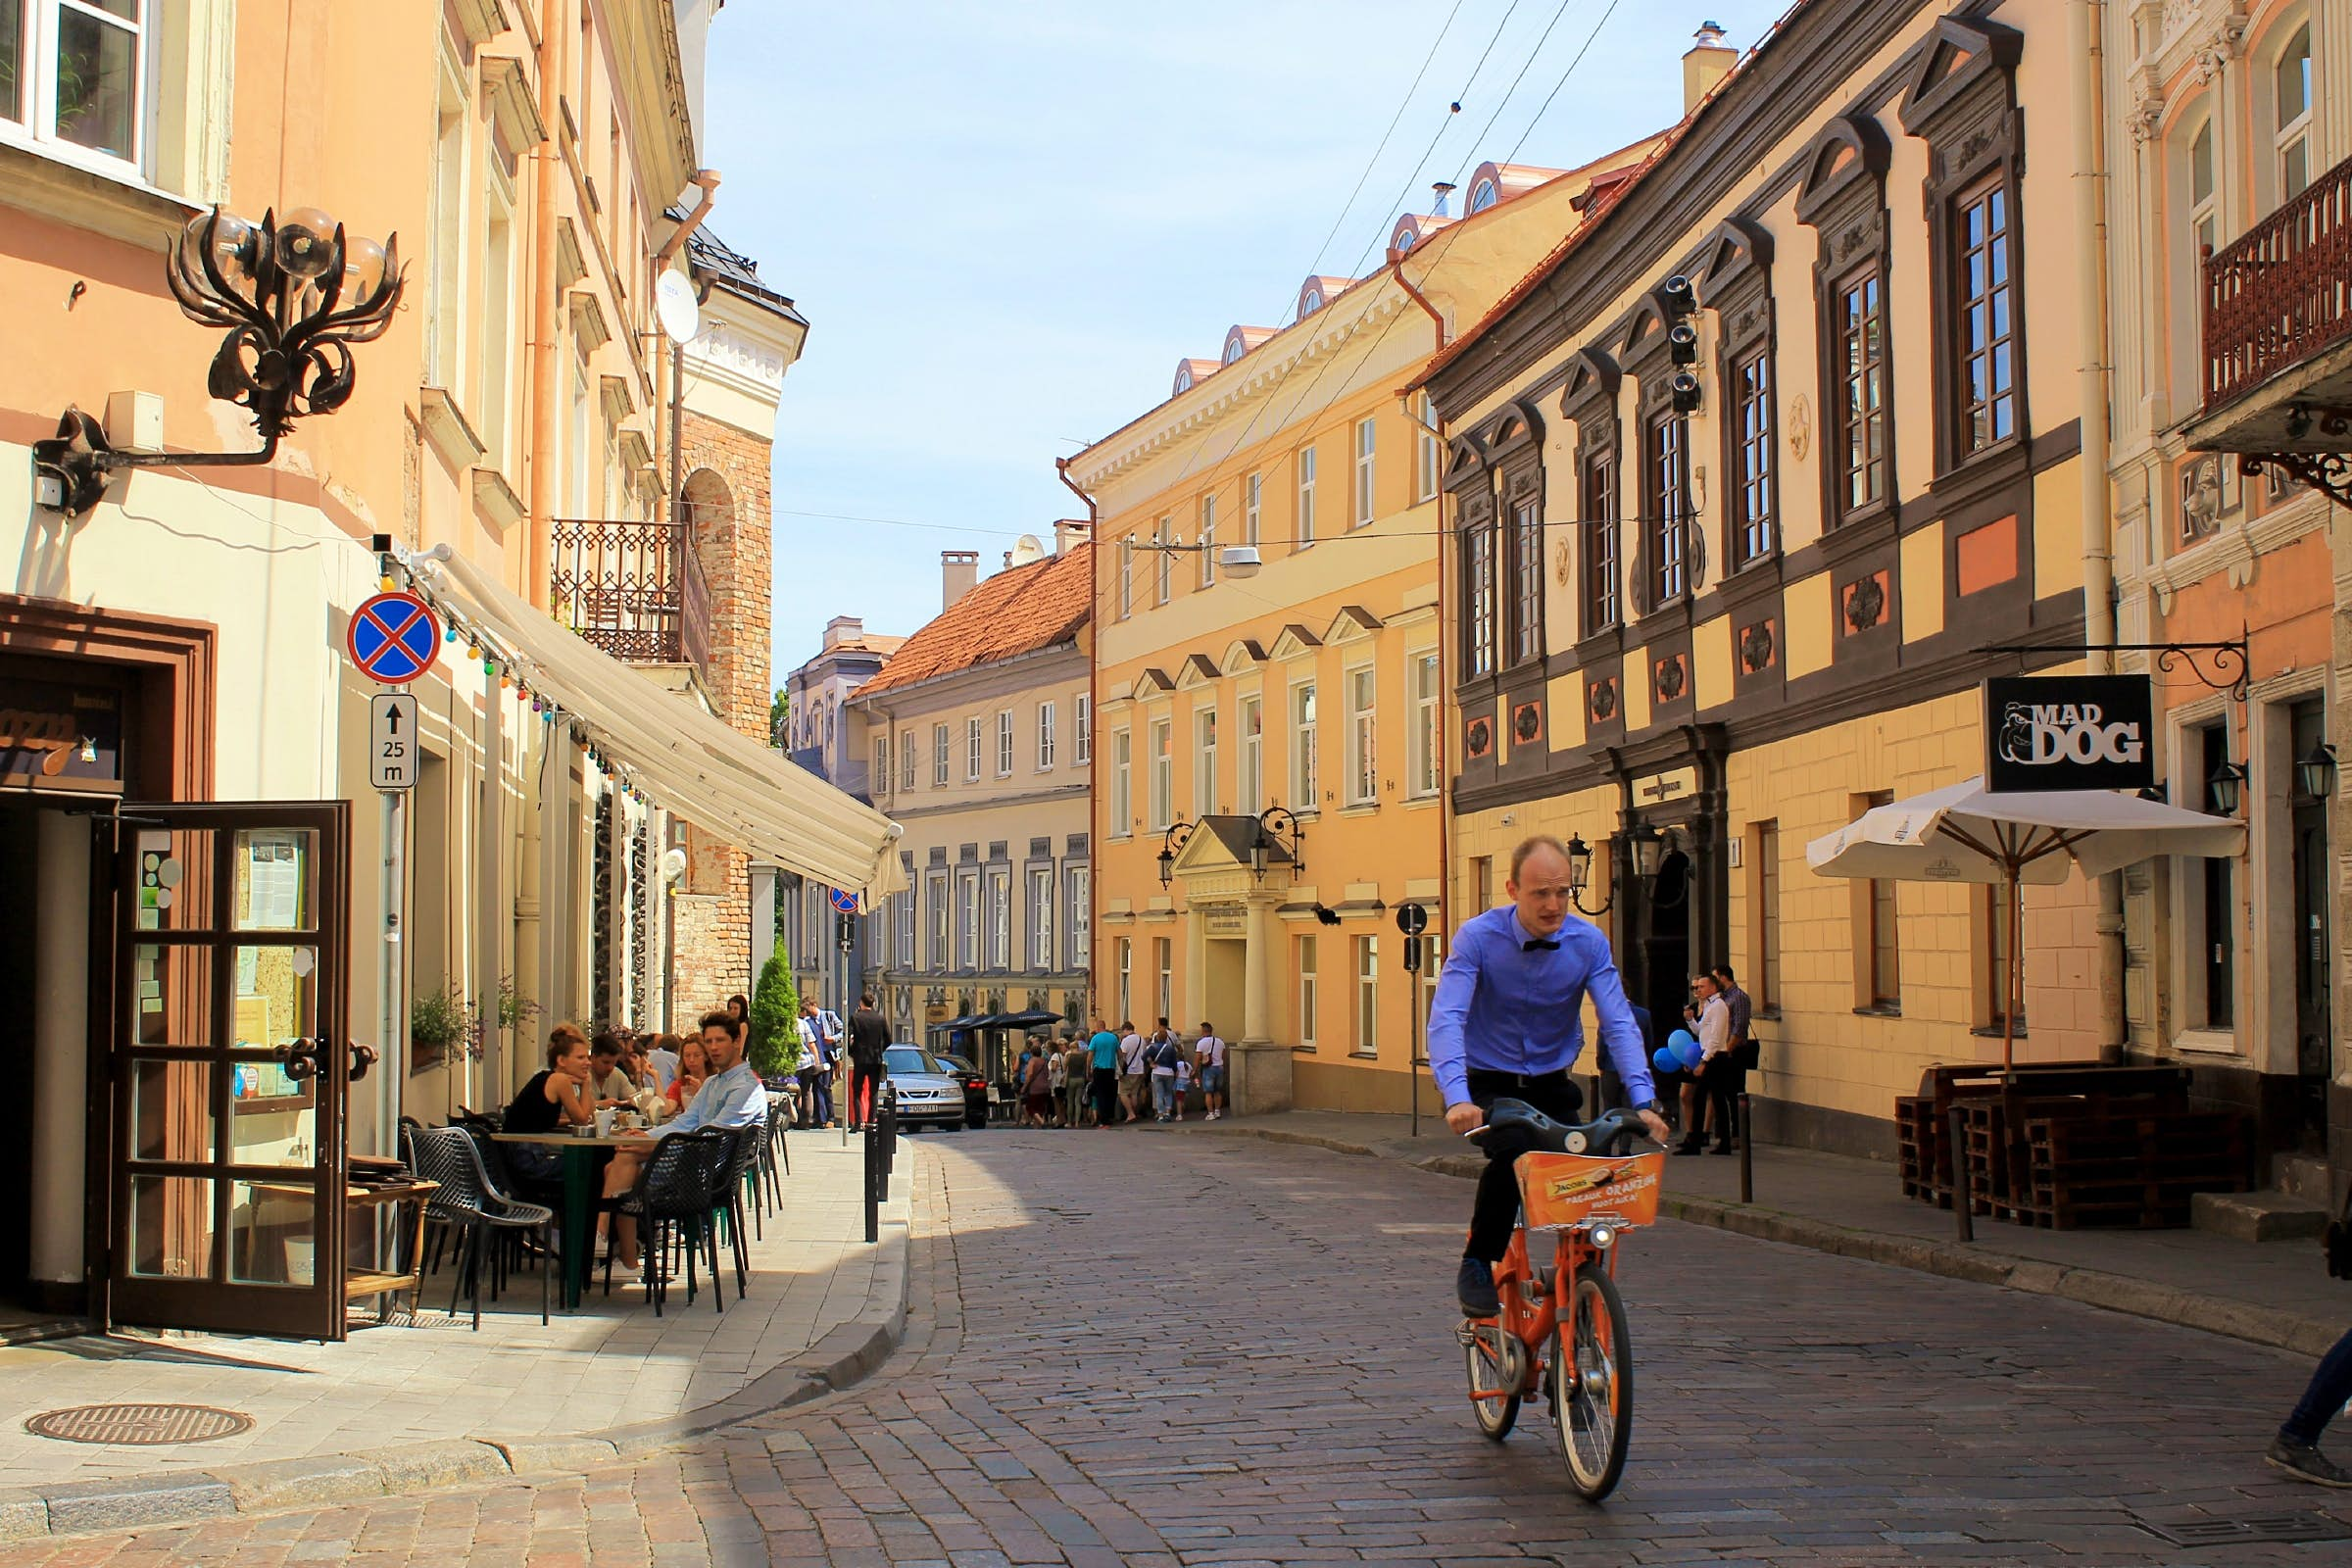 Un hombre monta su bicicleta por una calle en el casco antiguo de Vilna, mientras la gente se sienta en un café.